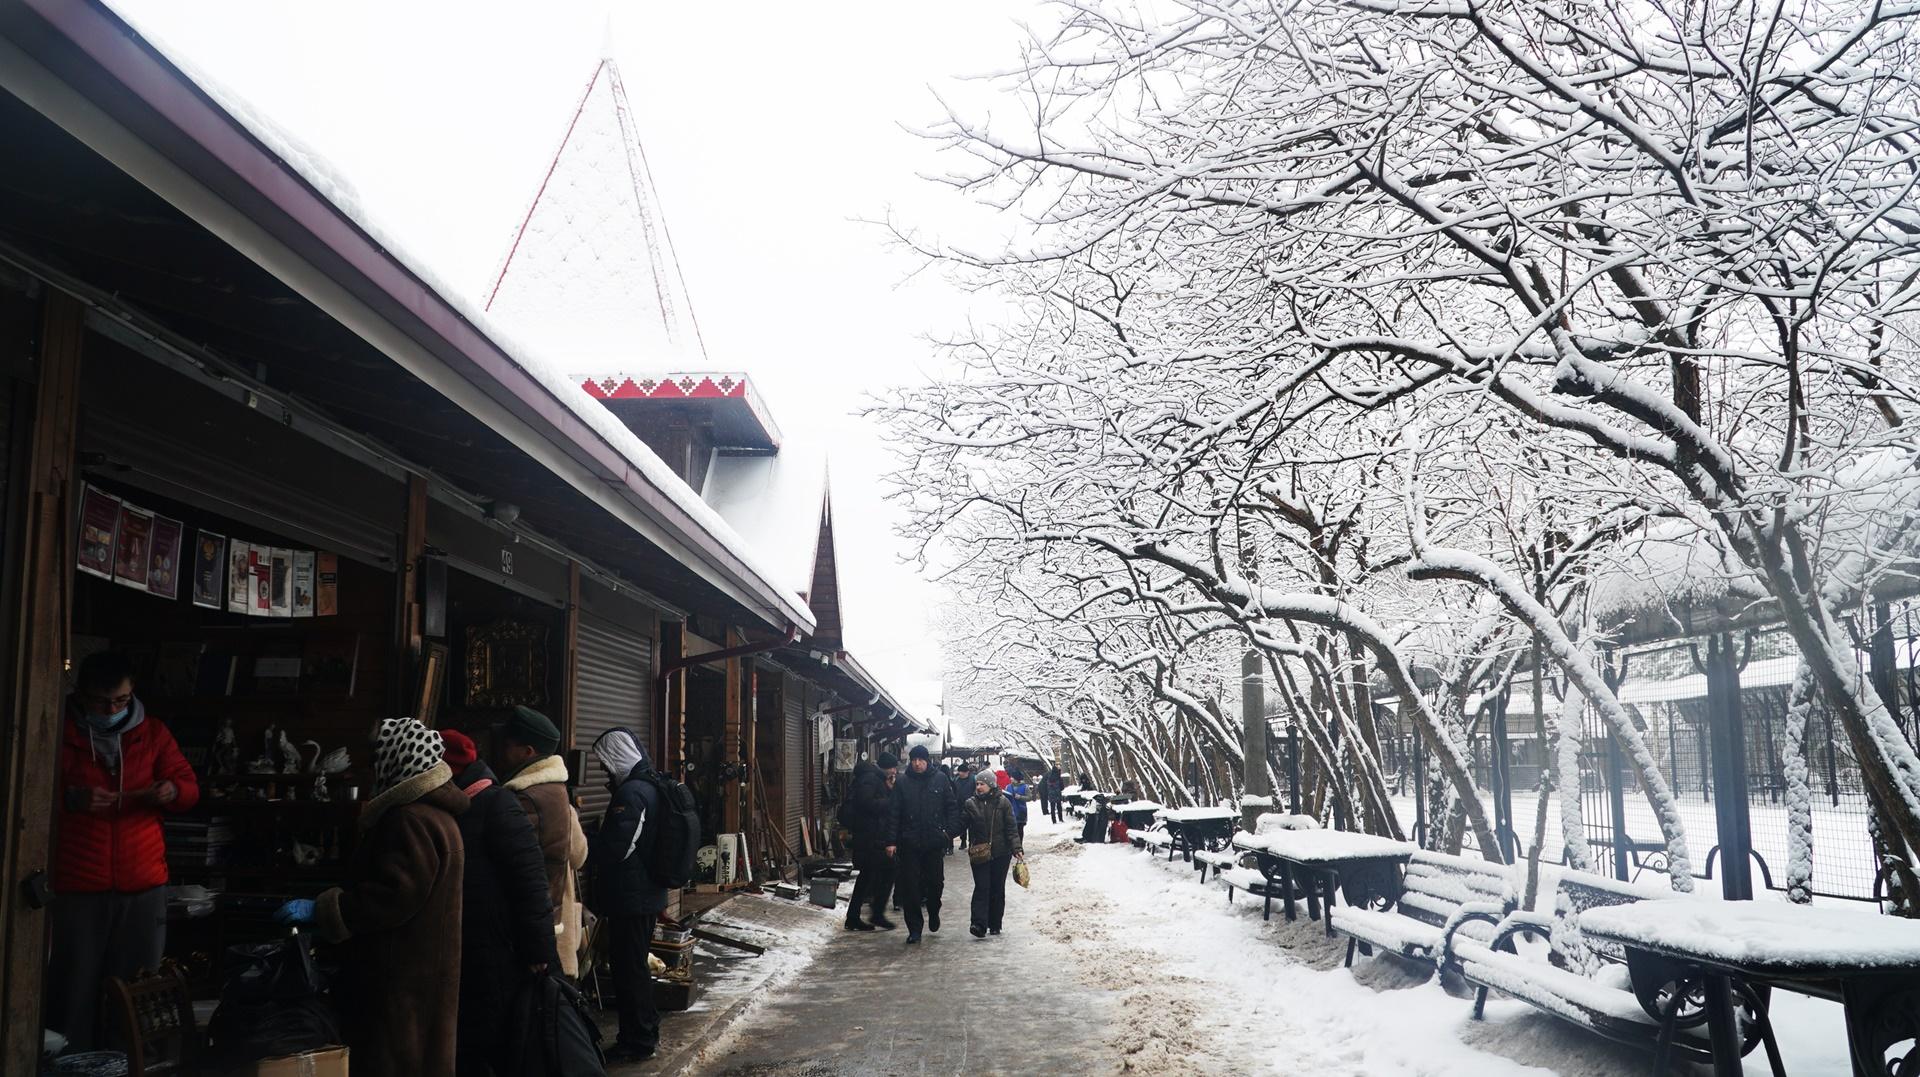 Năm mới đi chợ đồ cũ ở Moscow -0